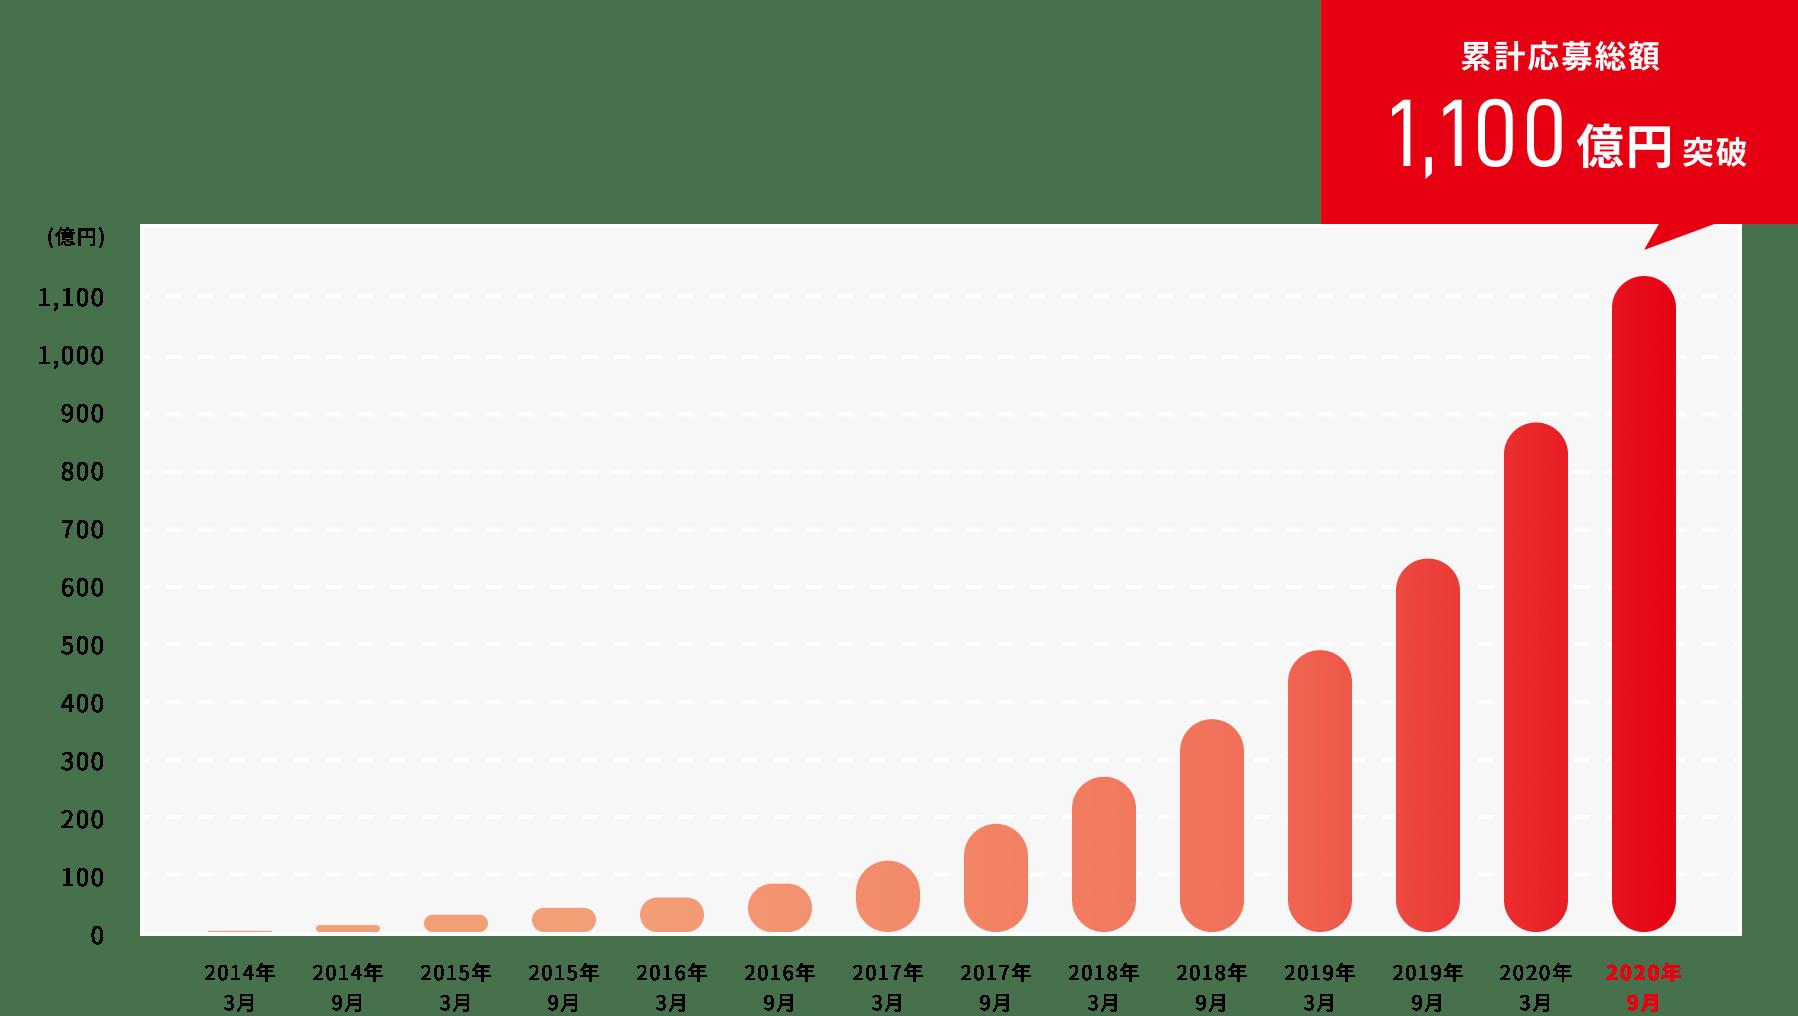 クラウドバンク 取扱高800億円を突破!